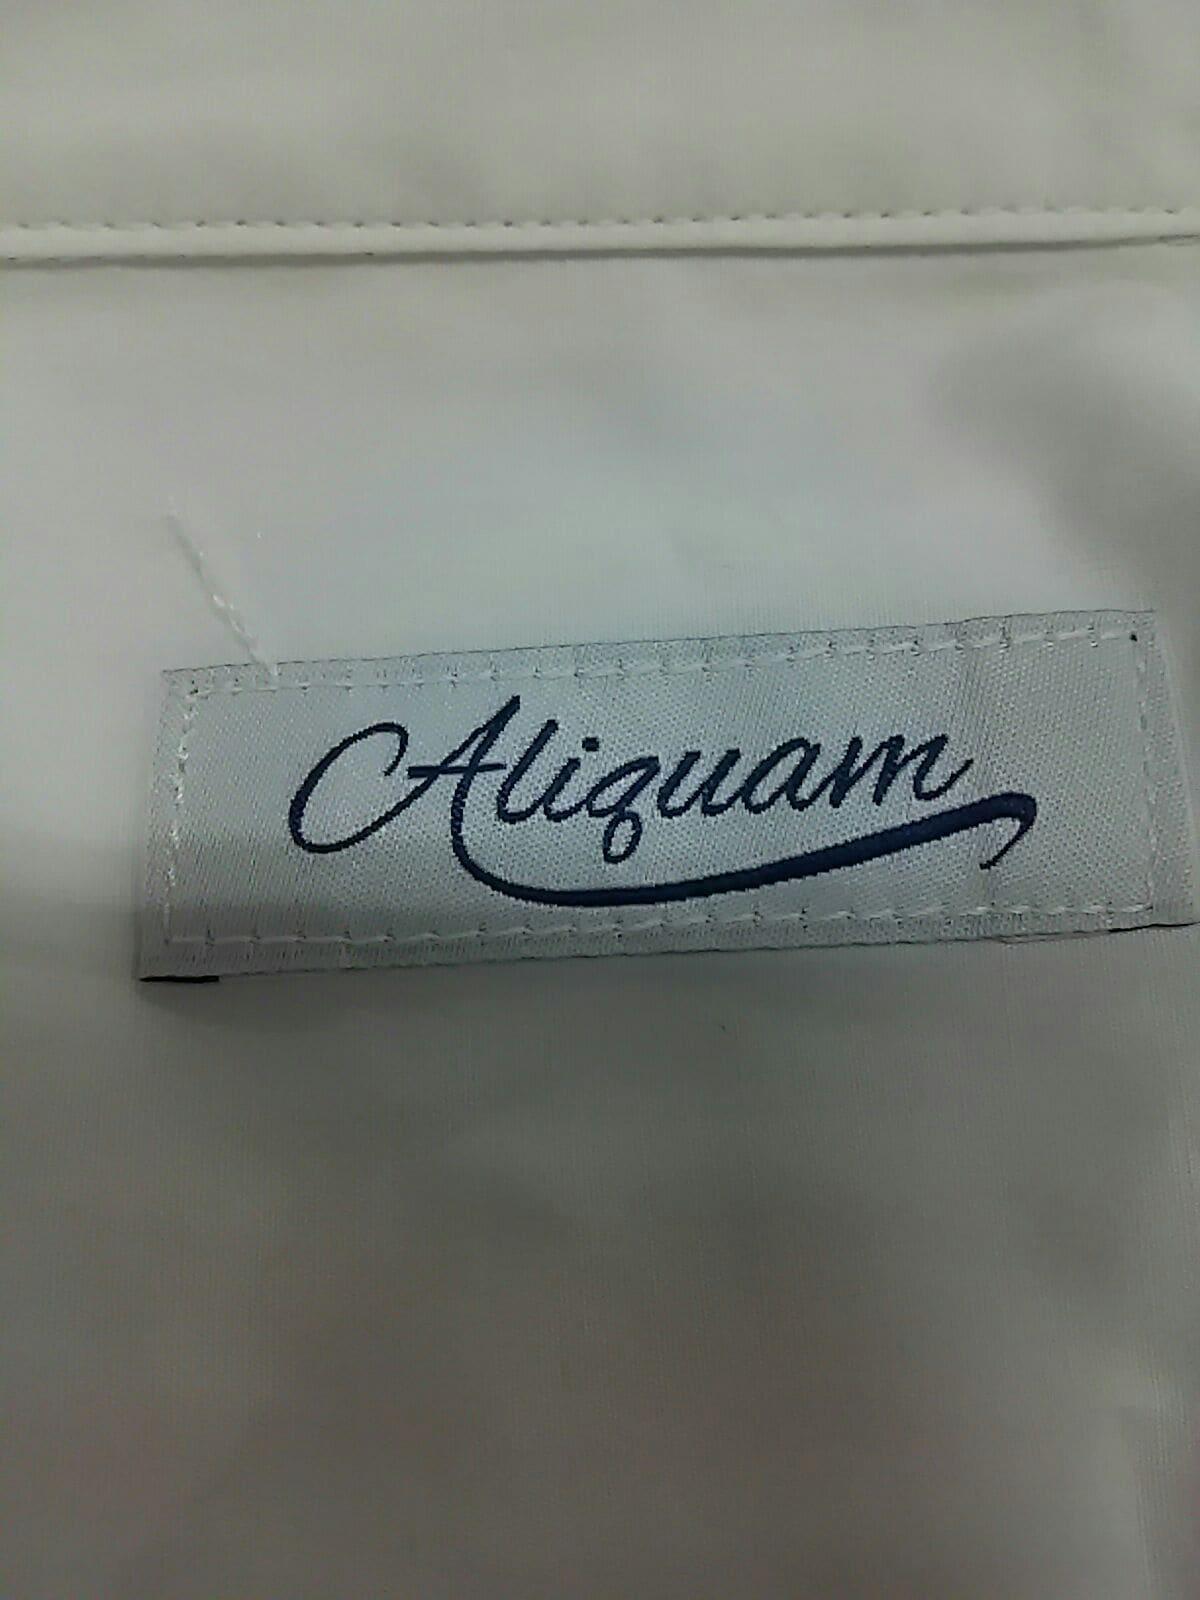 Aliquam(アリクアム)のシャツブラウス